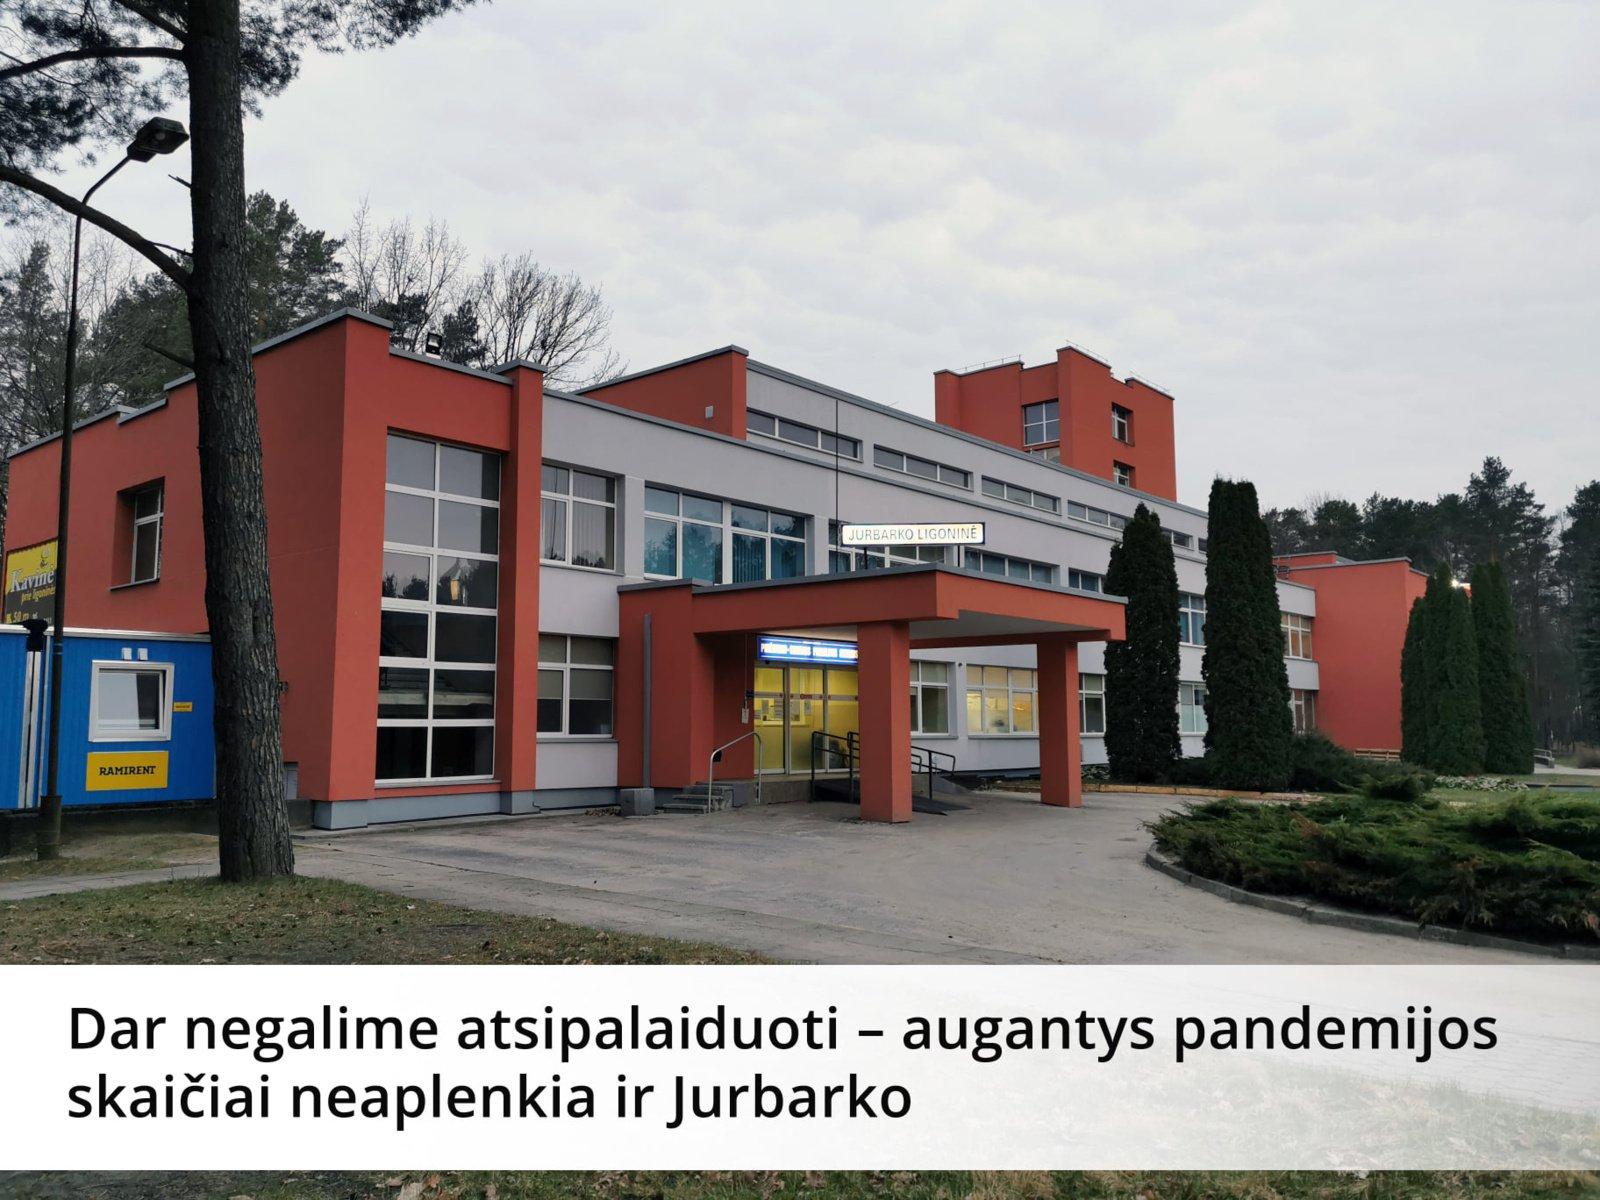 Augantys pandemijos skaičiai neaplenkia ir Jurbarko